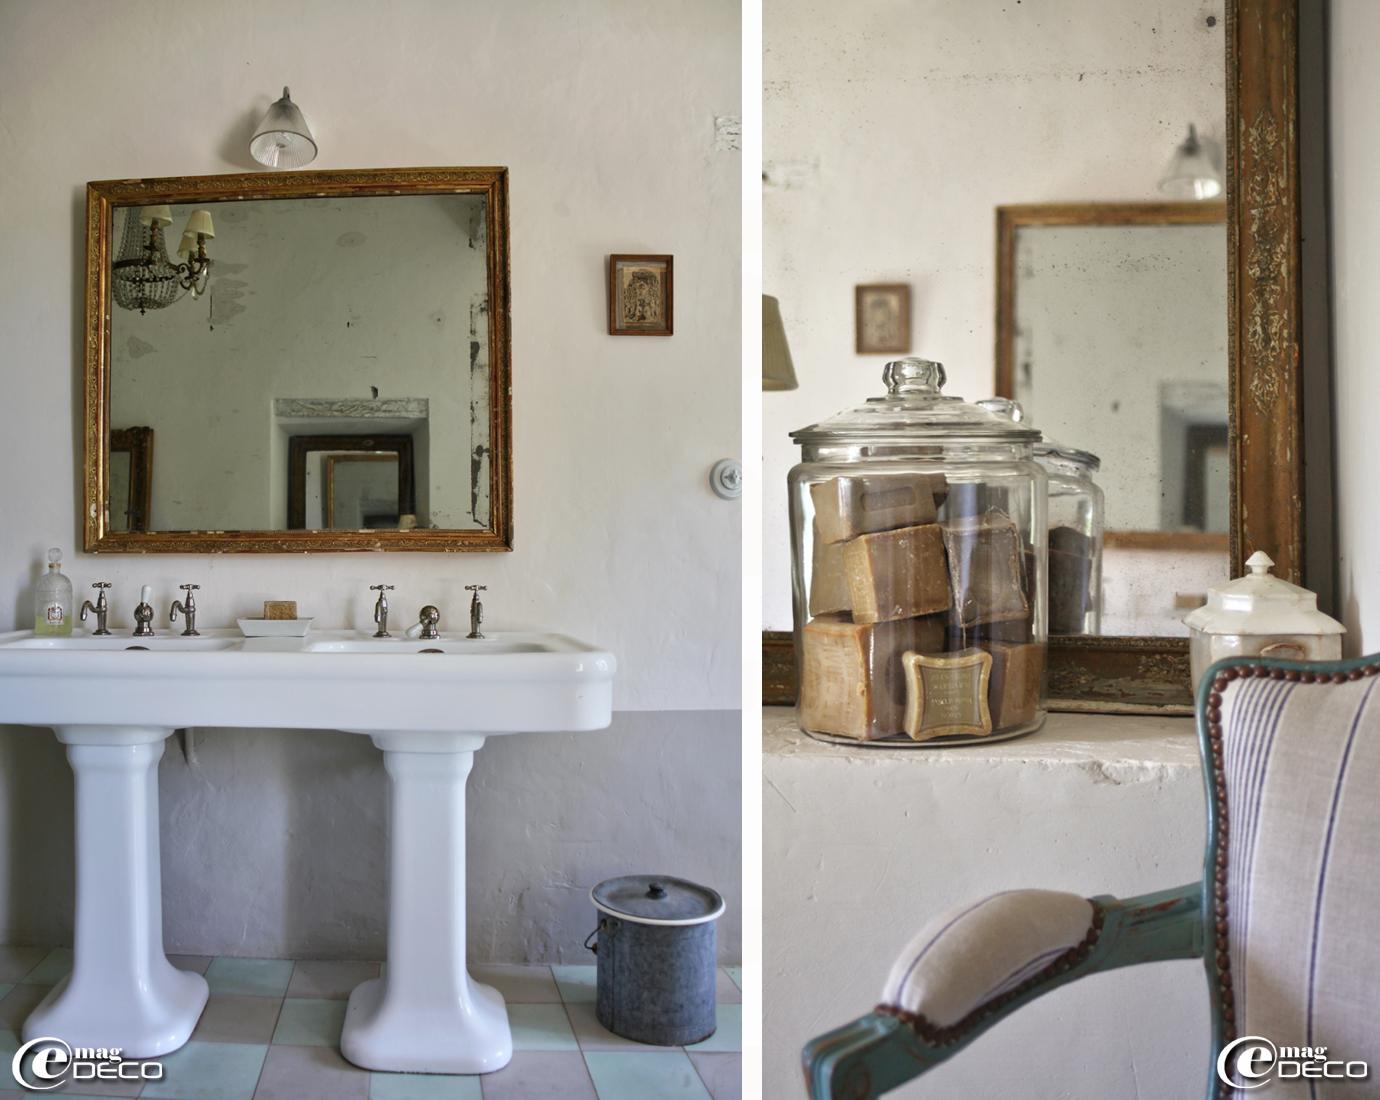 Salle de bain retro photo: salle de bain retro retour la tendance ...